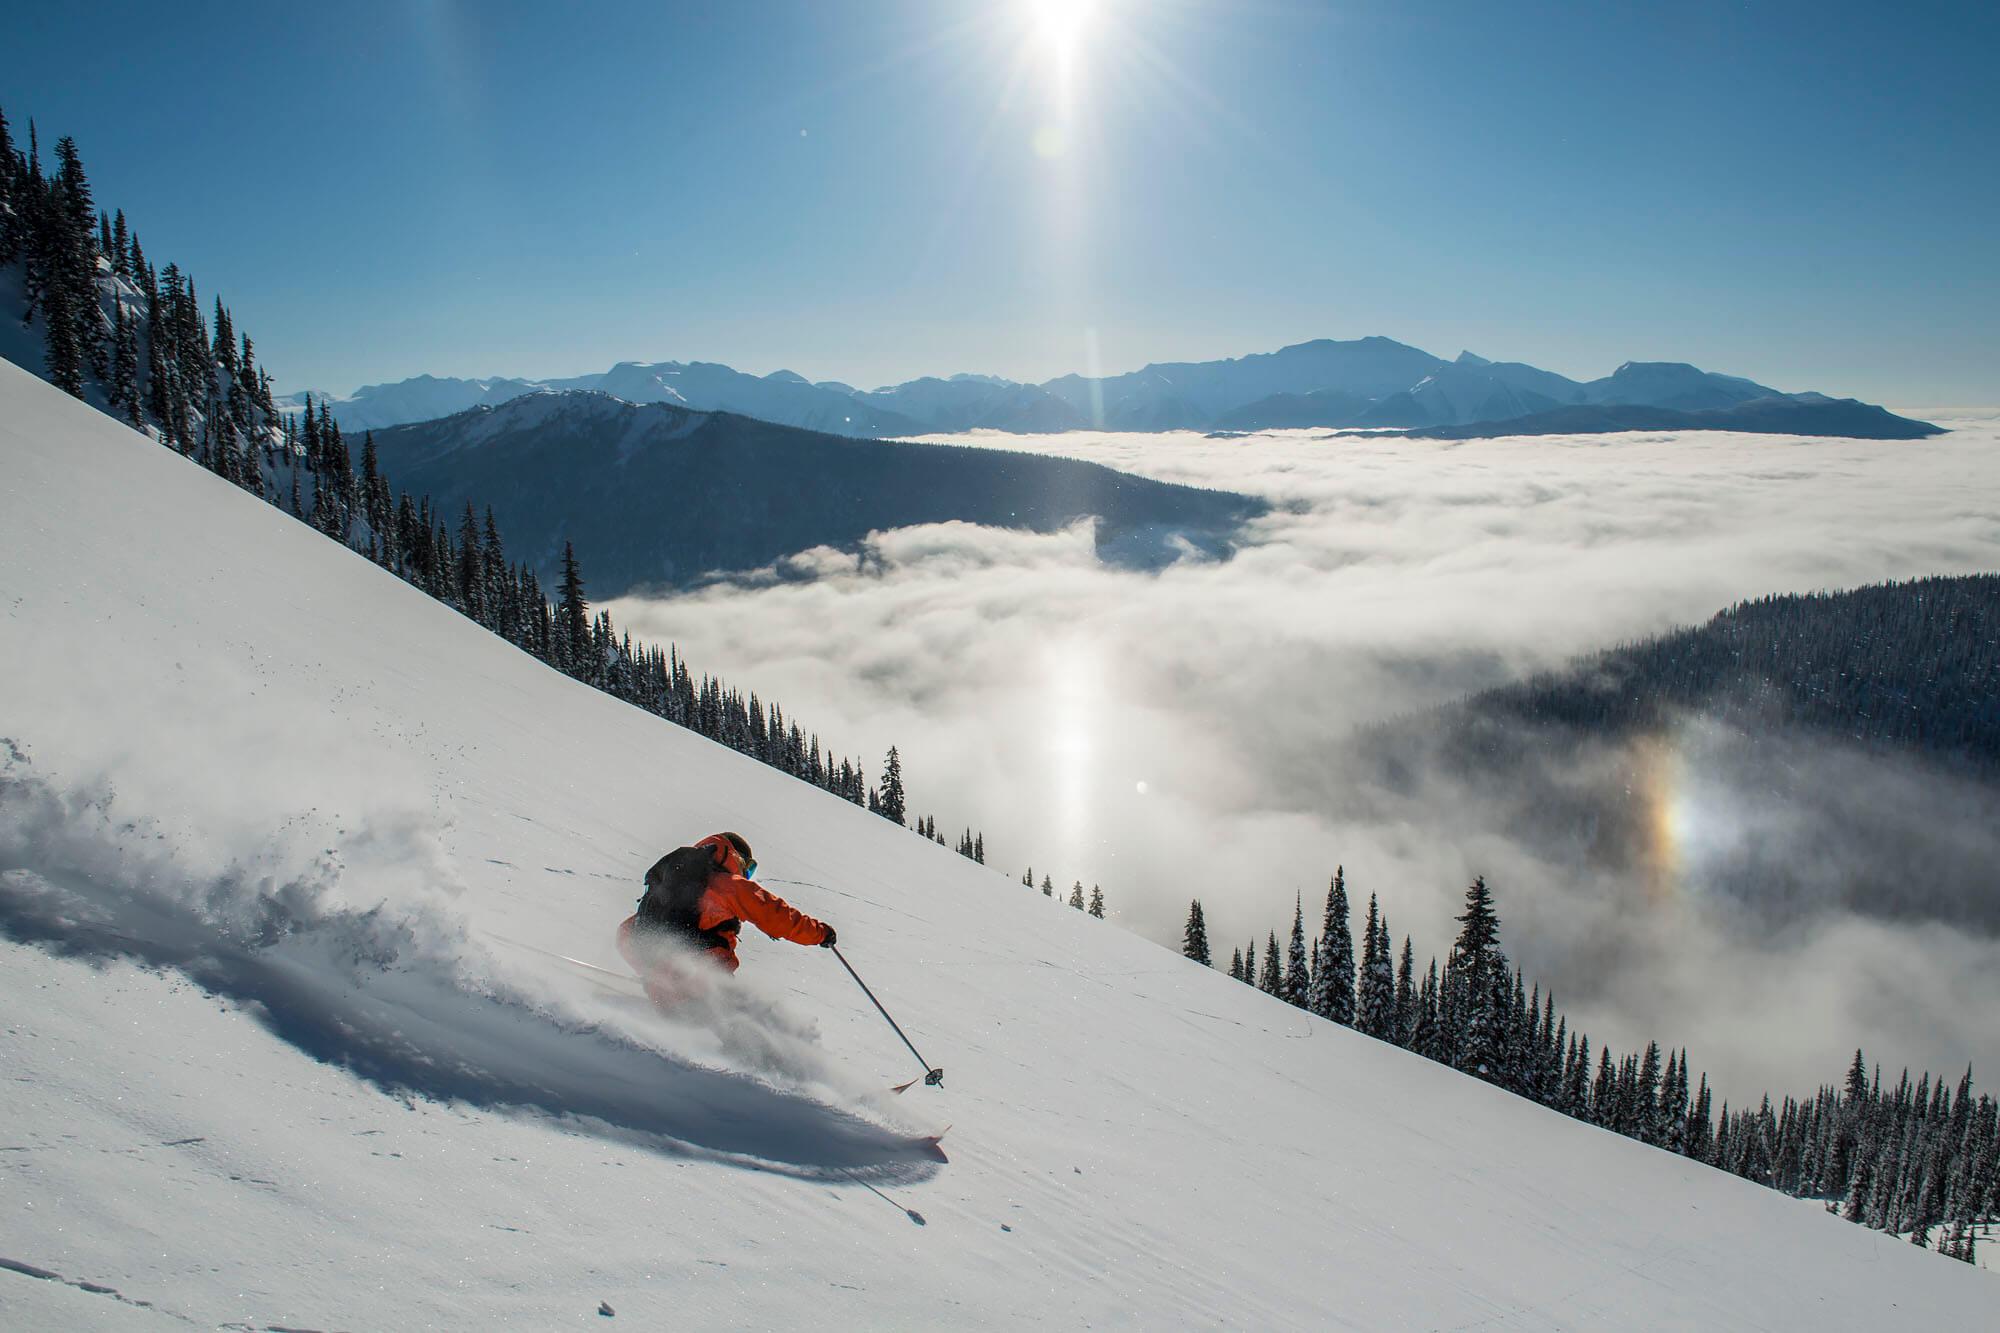 heli skier